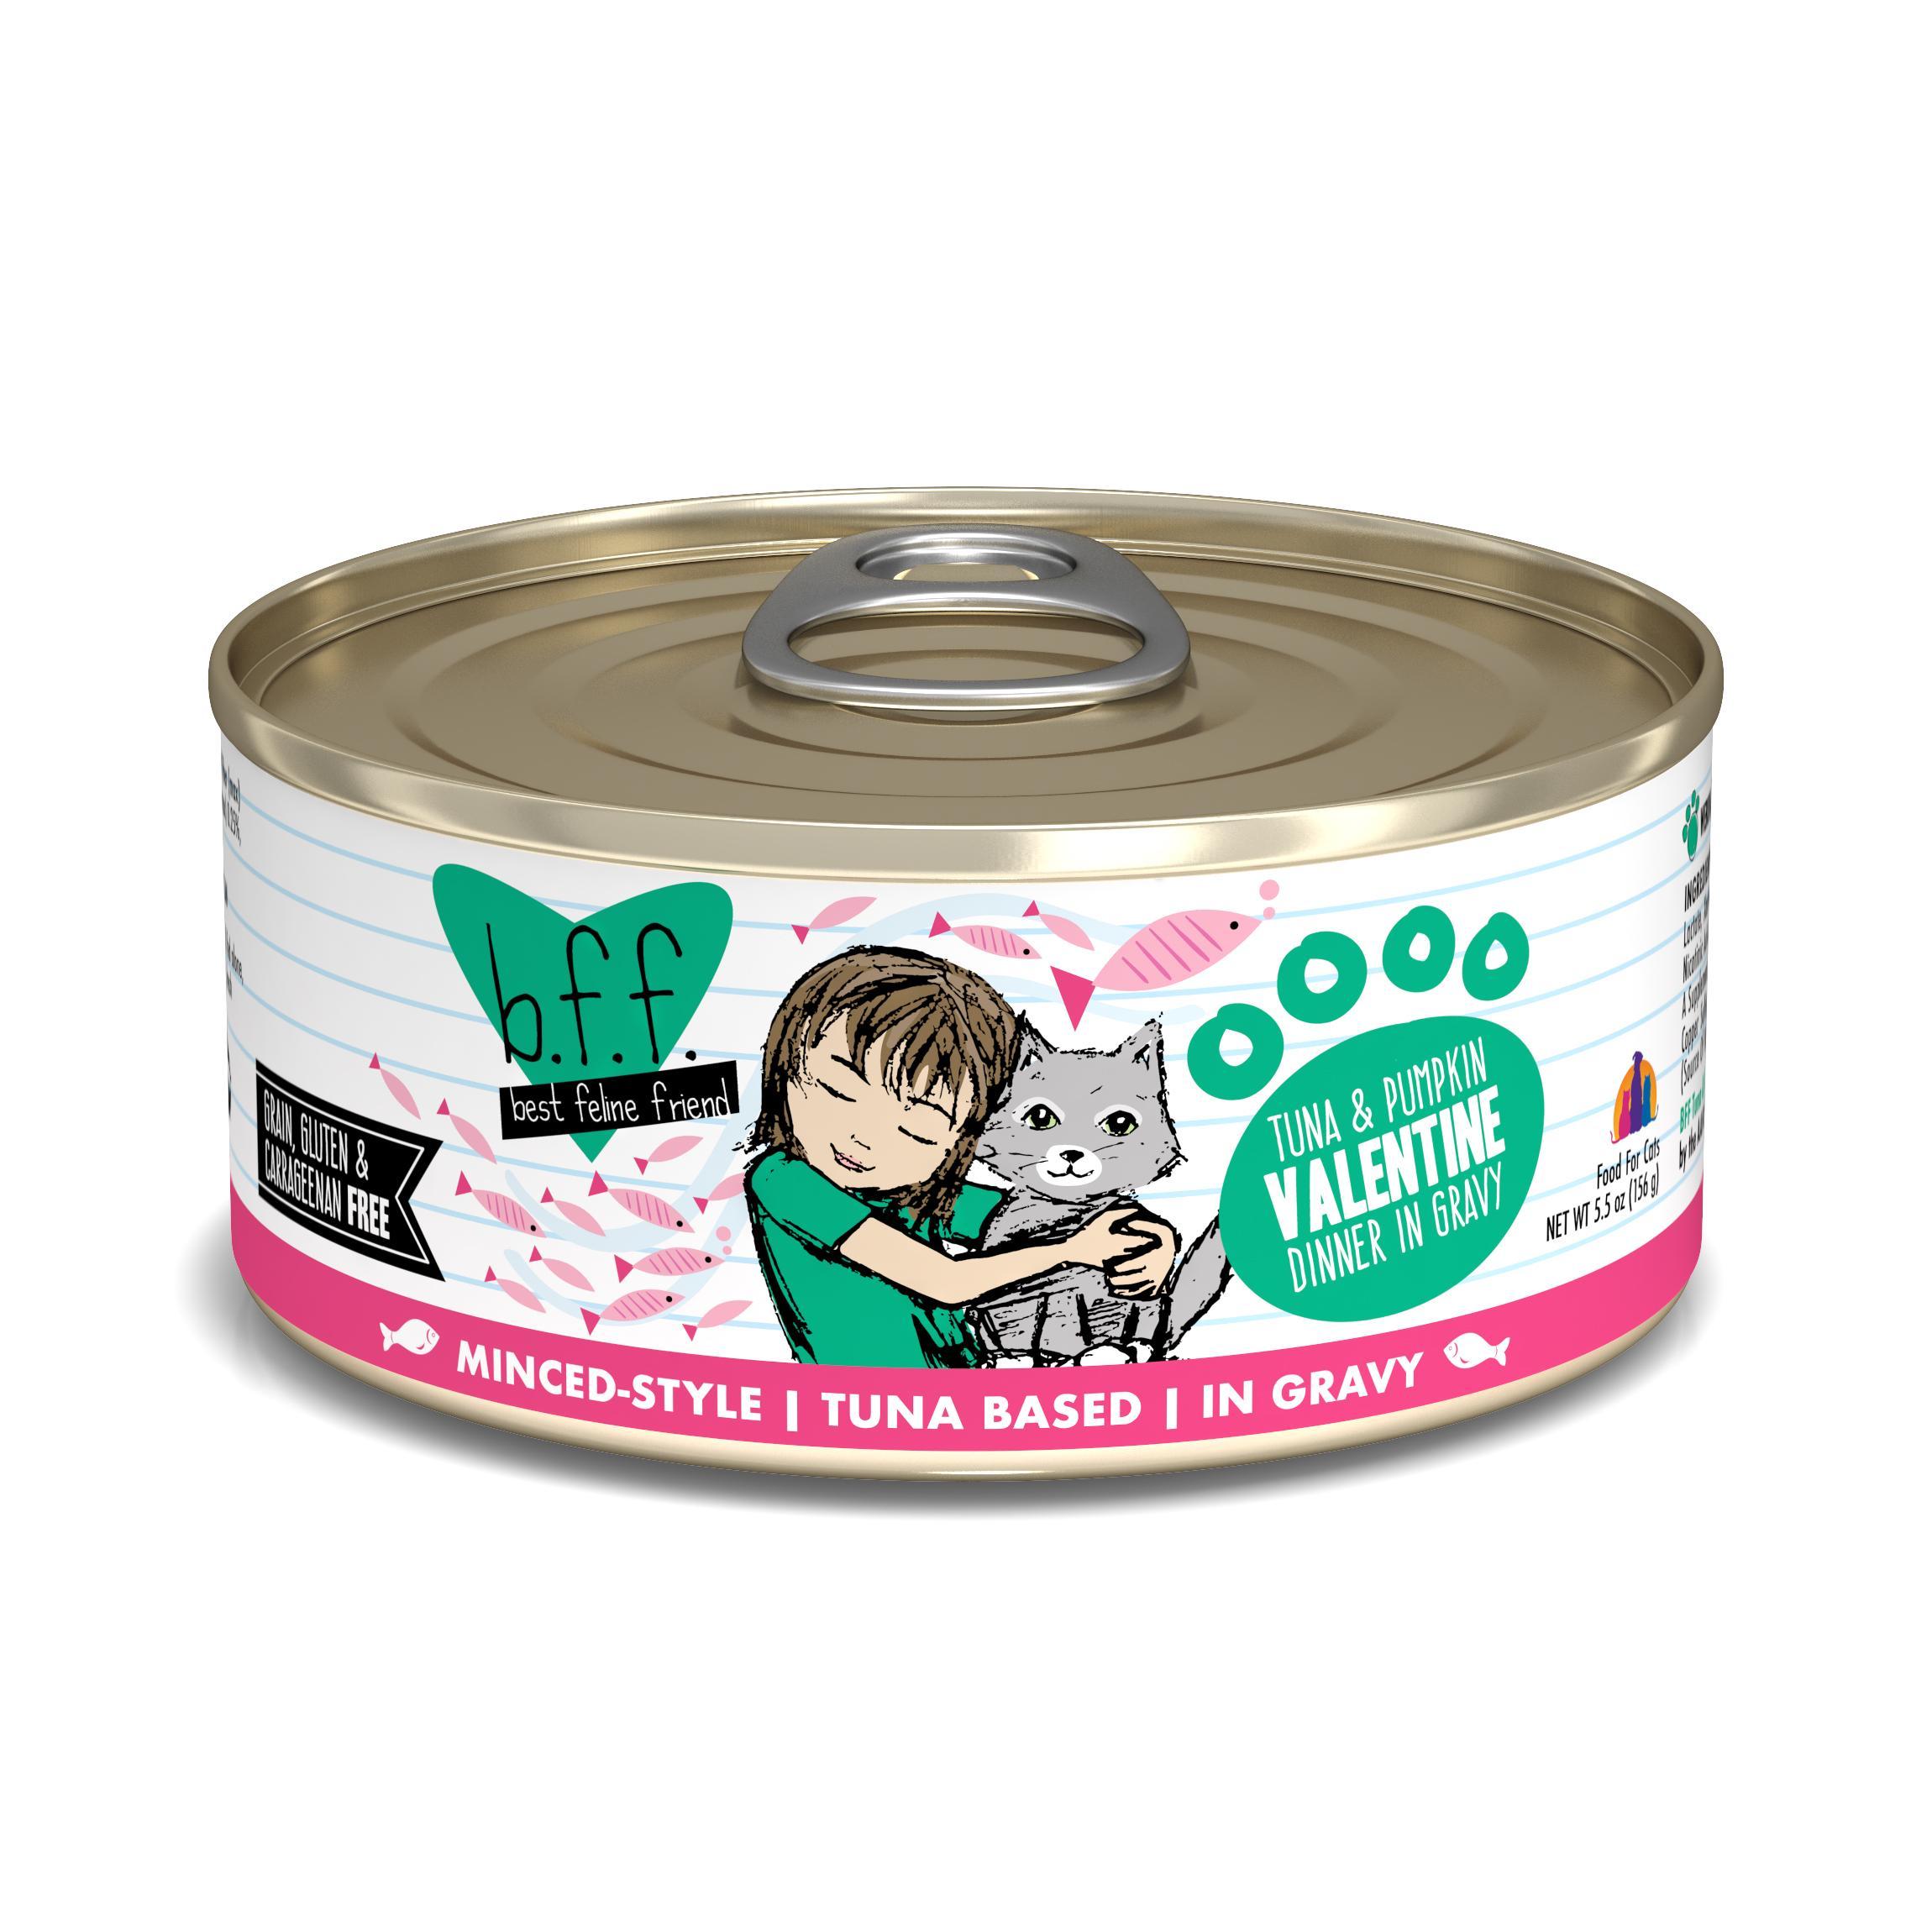 BFF Originals Valentine Tuna & Pumpkin Dinner in Gravy Grain-Free Wet Cat Food, 5.5-oz